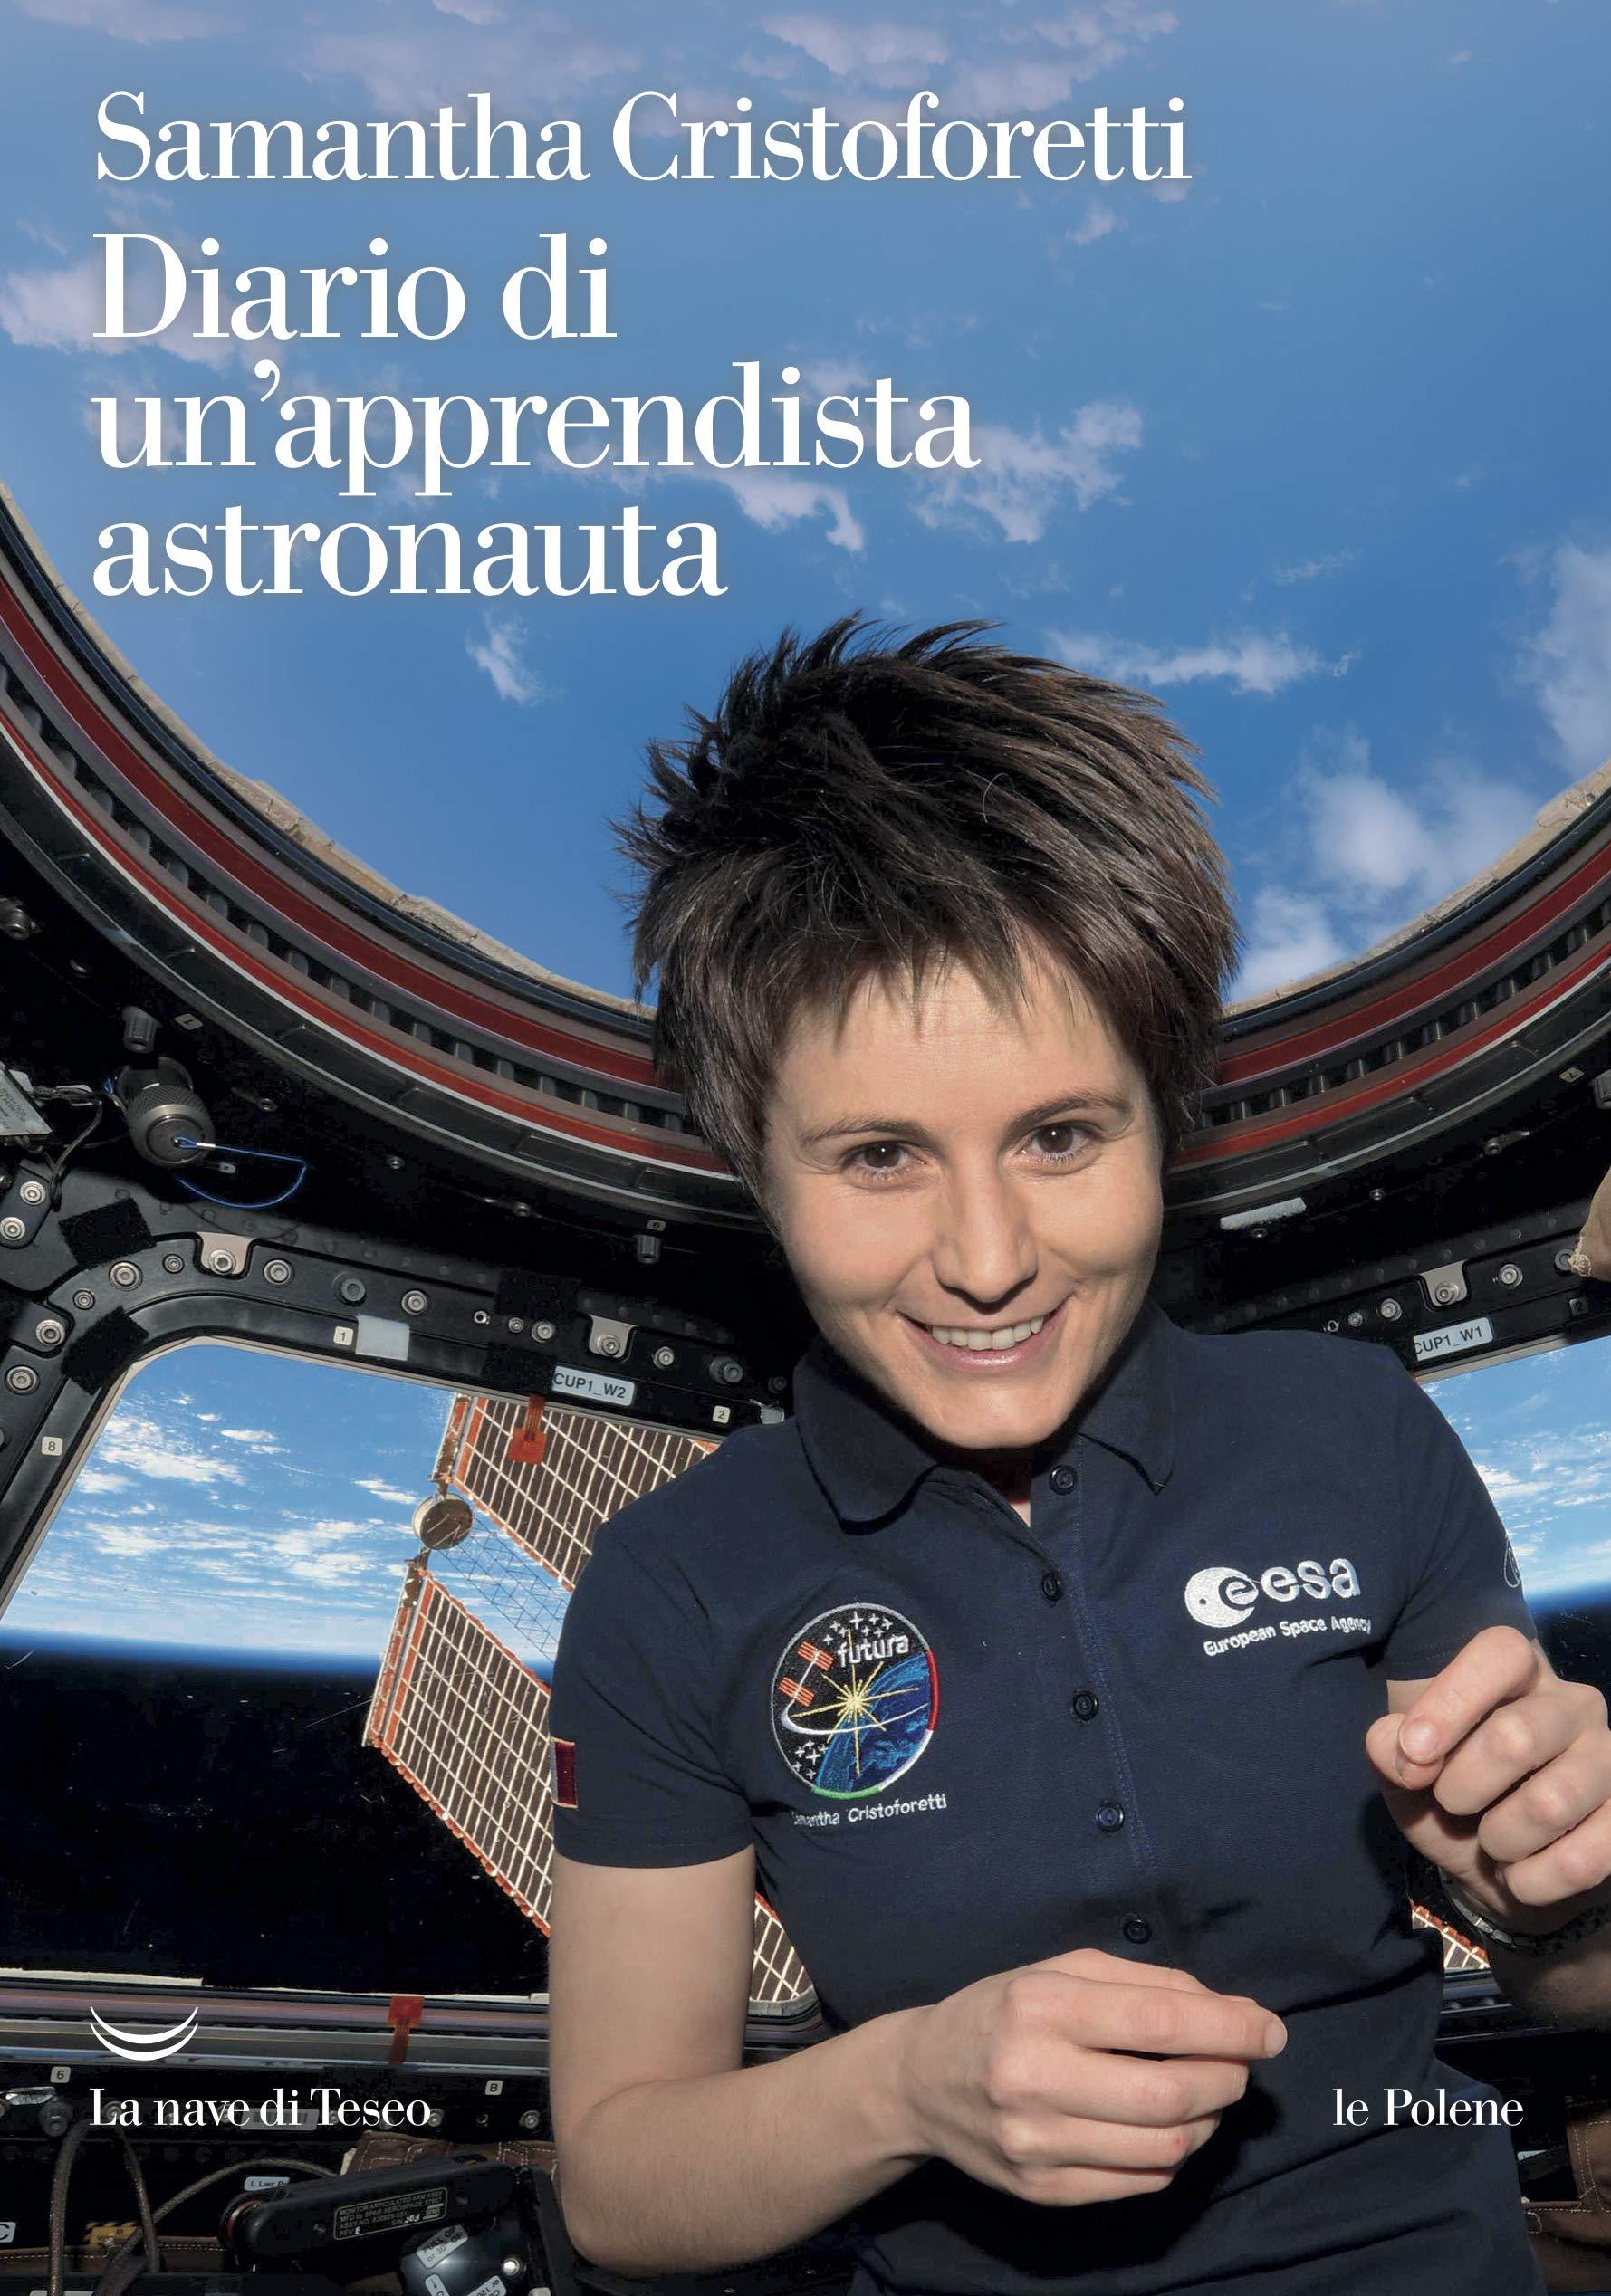 Diario di un'apprendista astronauta Copertina flessibile – 4 ott 2018 Samantha Cristoforetti J. Lagatta La nave di Teseo 8893445751